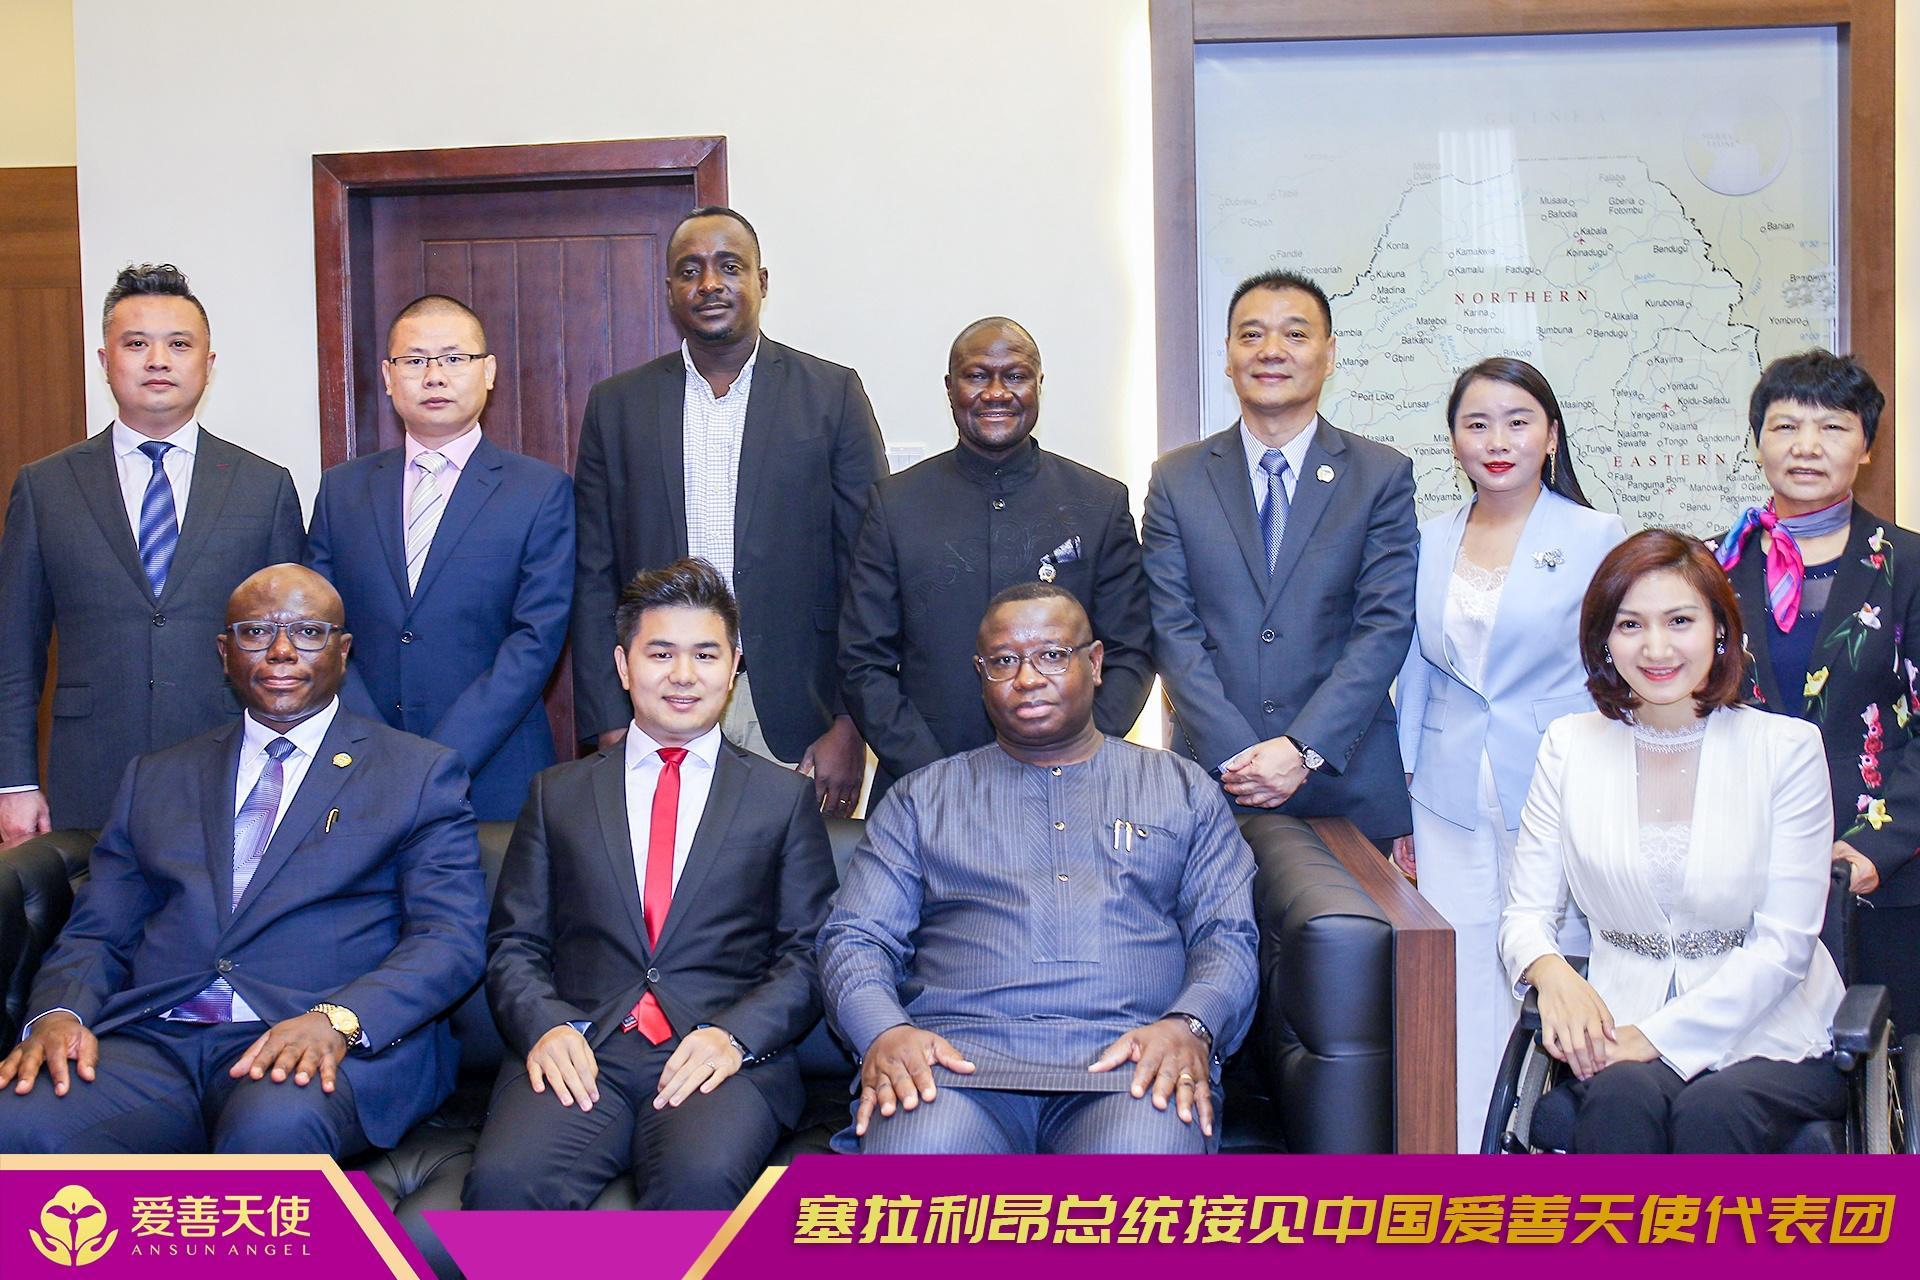 爱善天使代表团受邀出访非洲塞拉利昂共和国,为中非友谊添砖加瓦!